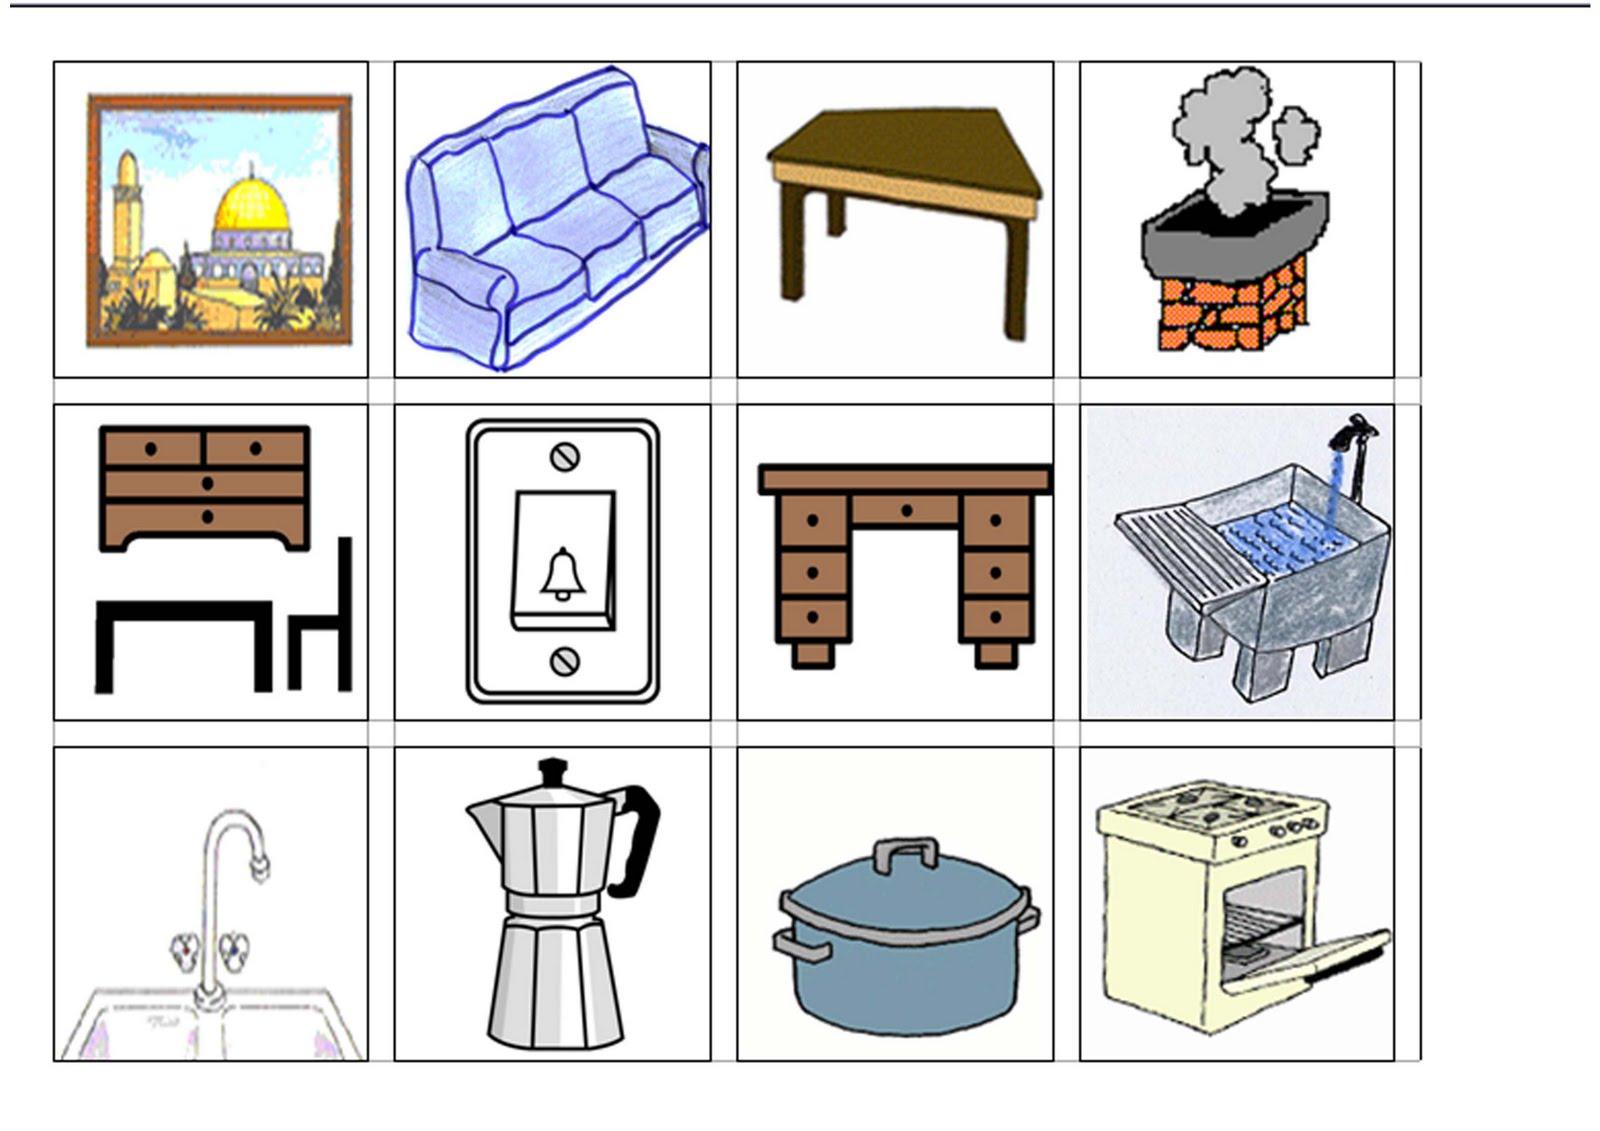 Cosas de casa on line cambio actores de cosas de casa for Mi casa cosas de casa